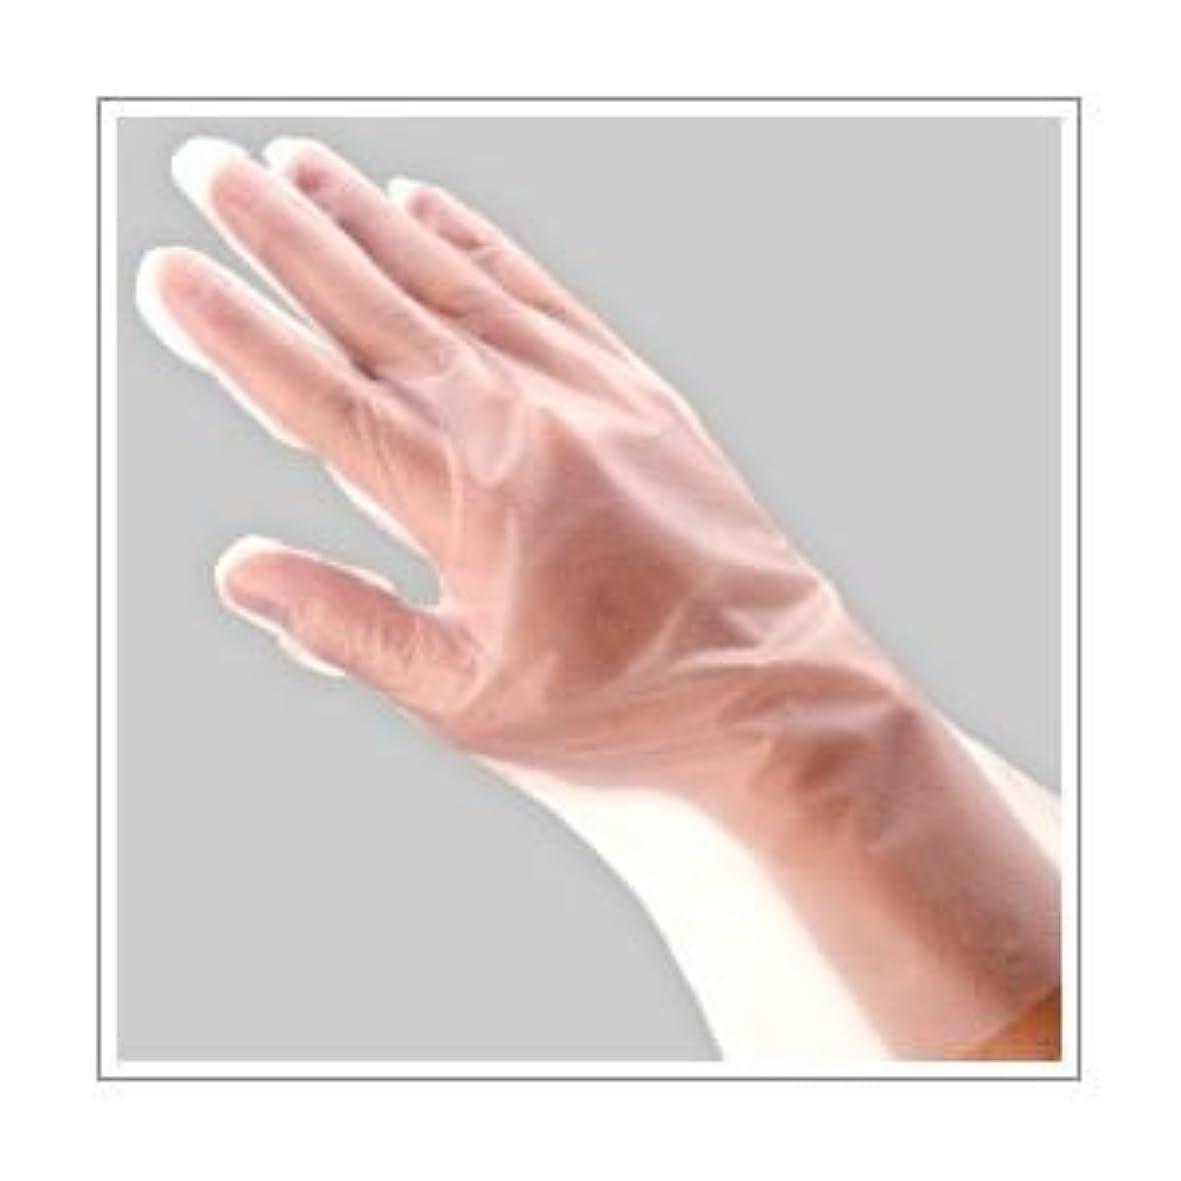 書店繊毛裁定福助工業 ポリ手袋 指フィット 100枚パック S ×10セット